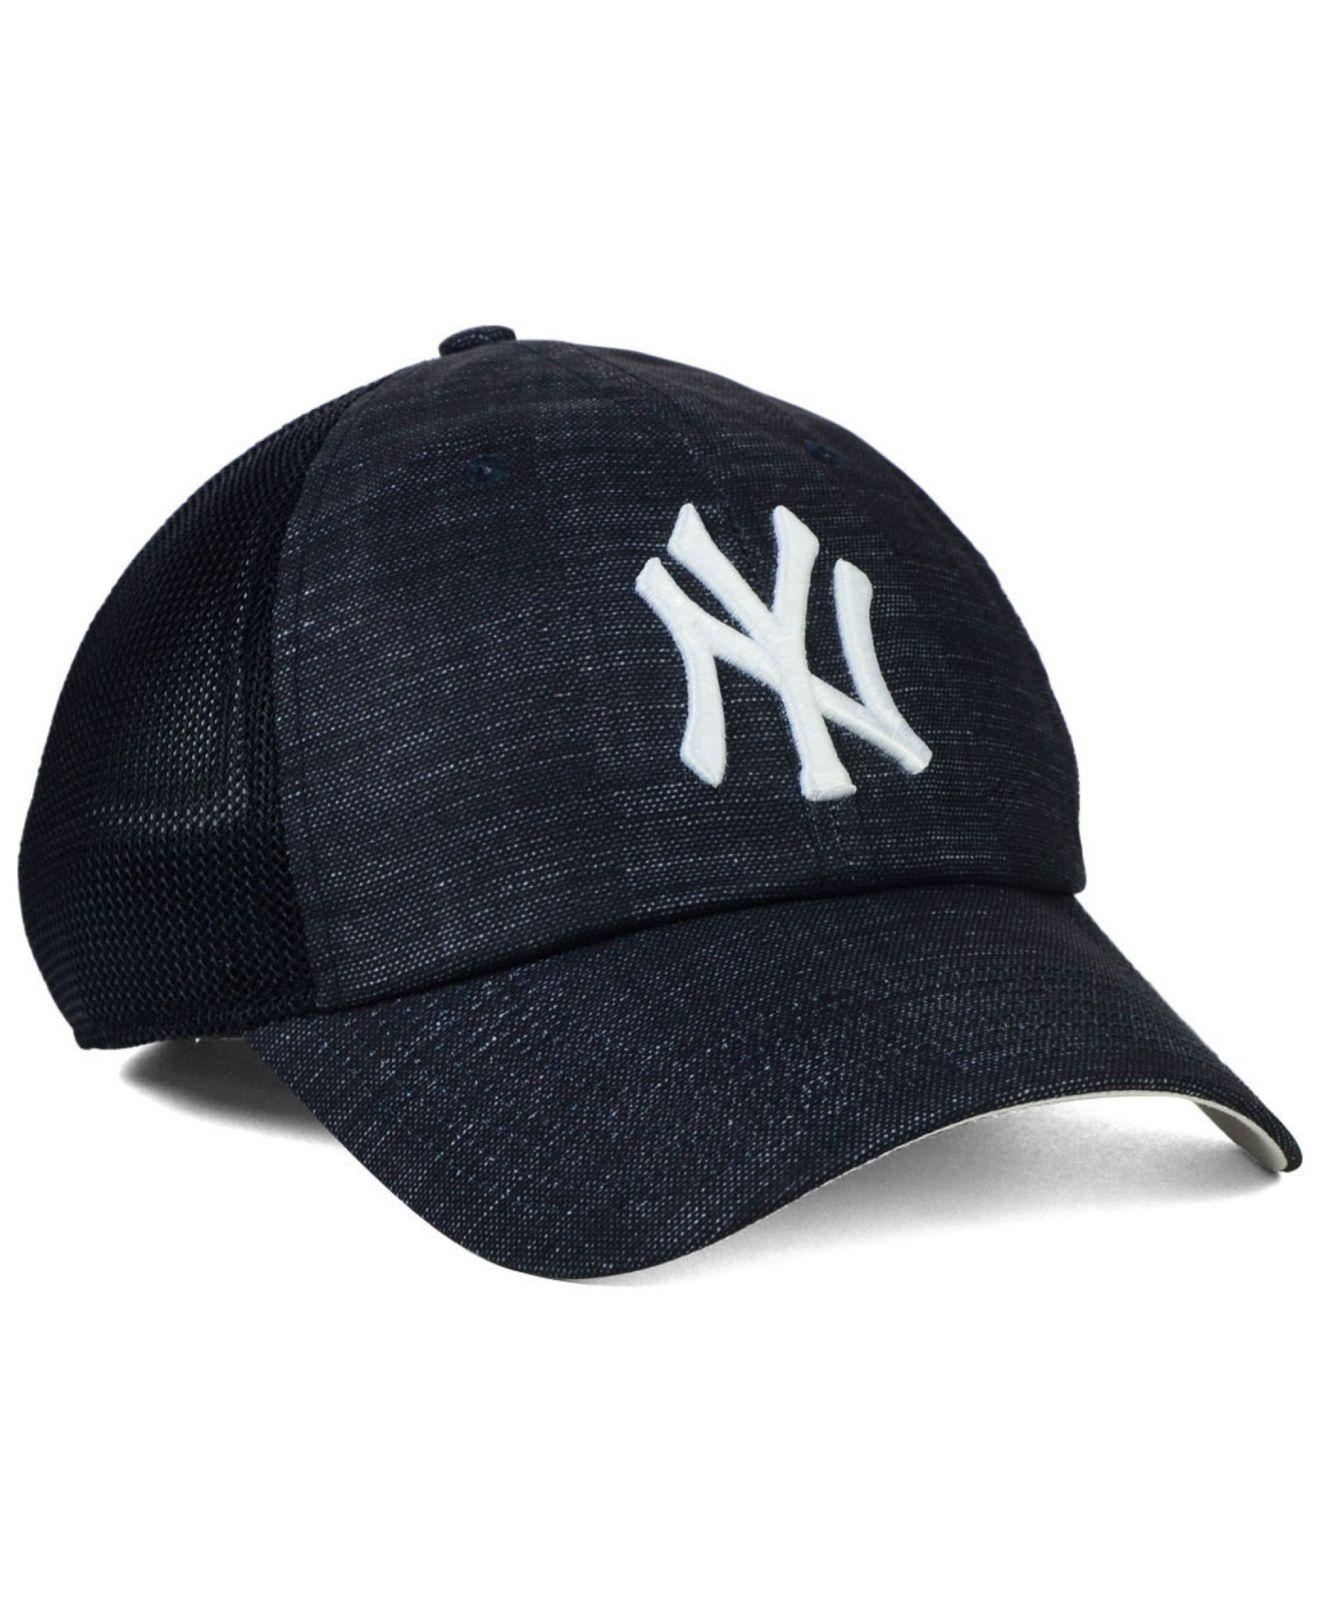 f20b2c44cca Lyst - Nike New York Yankees Dri-fit Adjustable Cap in Blue for Men